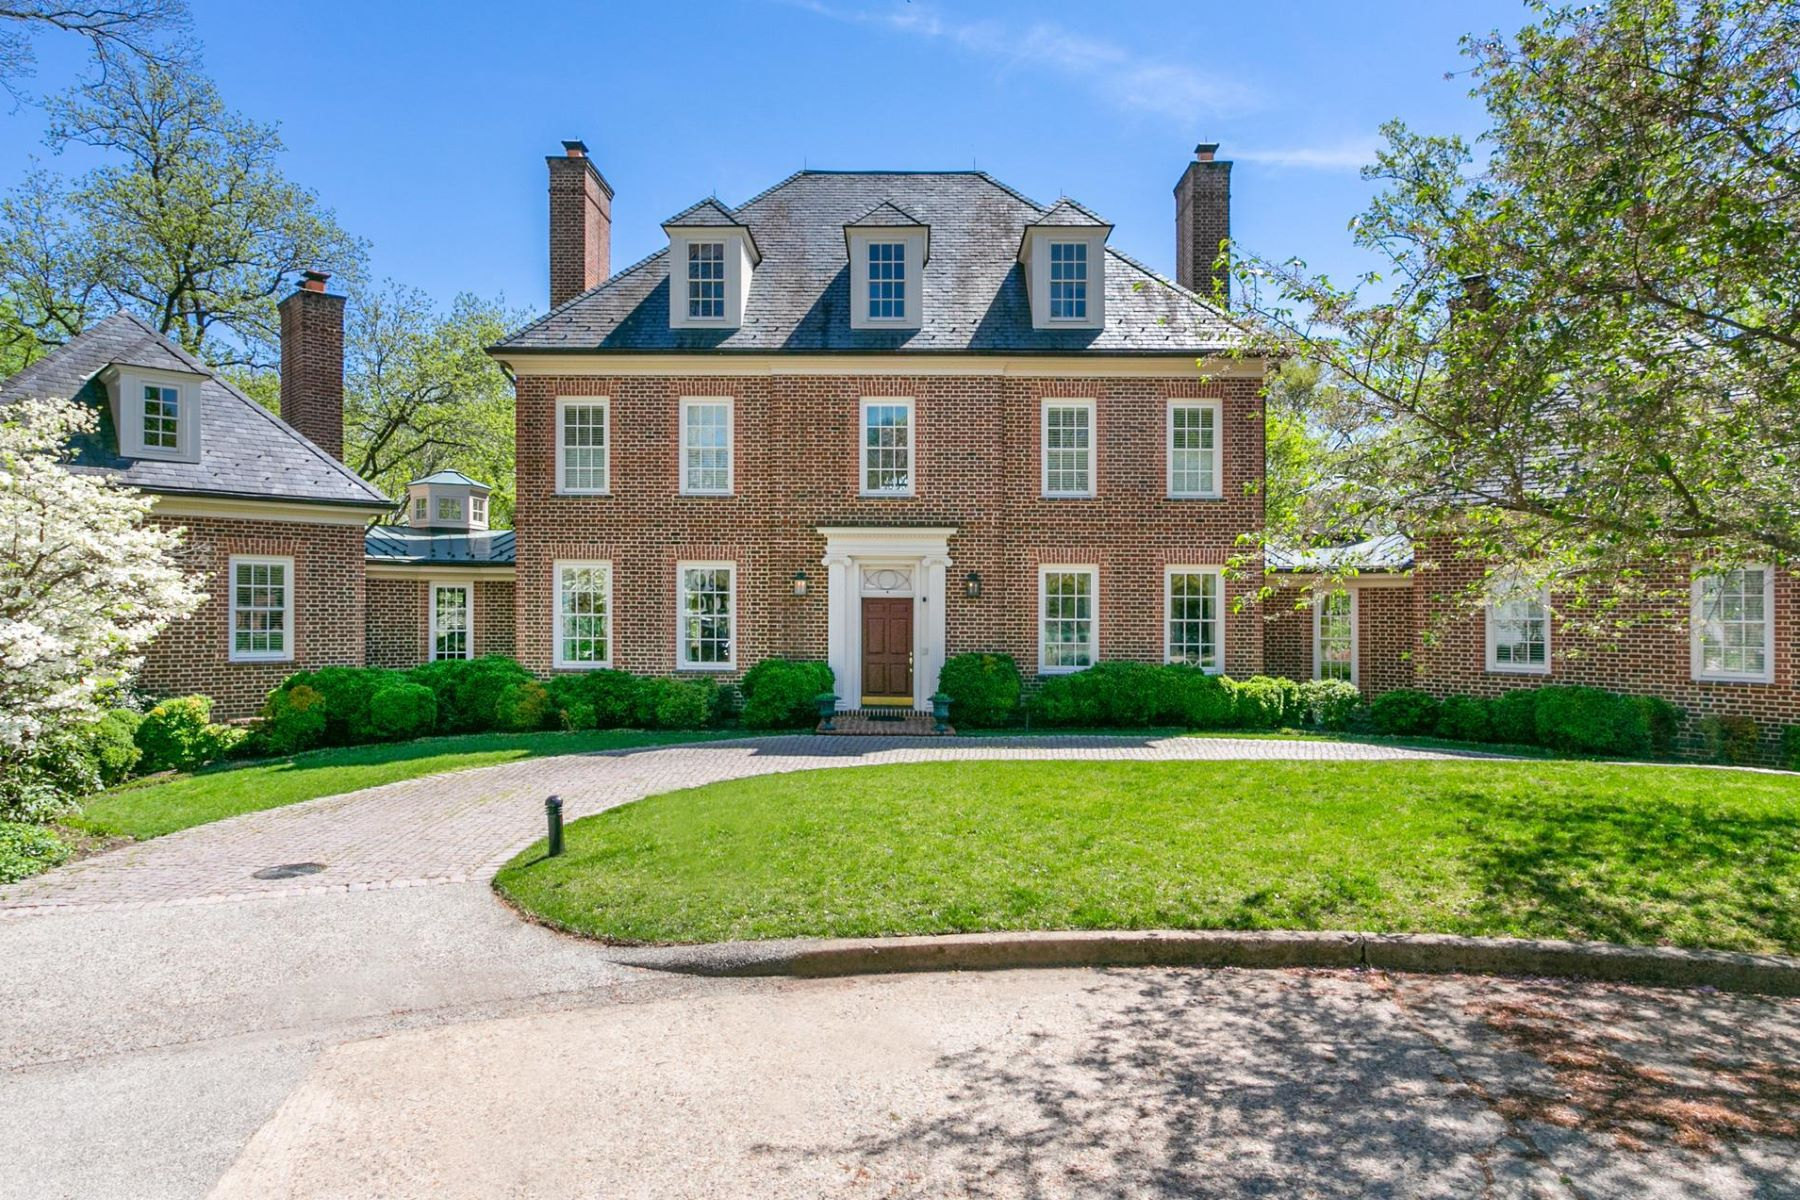 Property のために 売買 アット 5295 Partridge Ln NW Washington, コロンビア特別区 20016 アメリカ